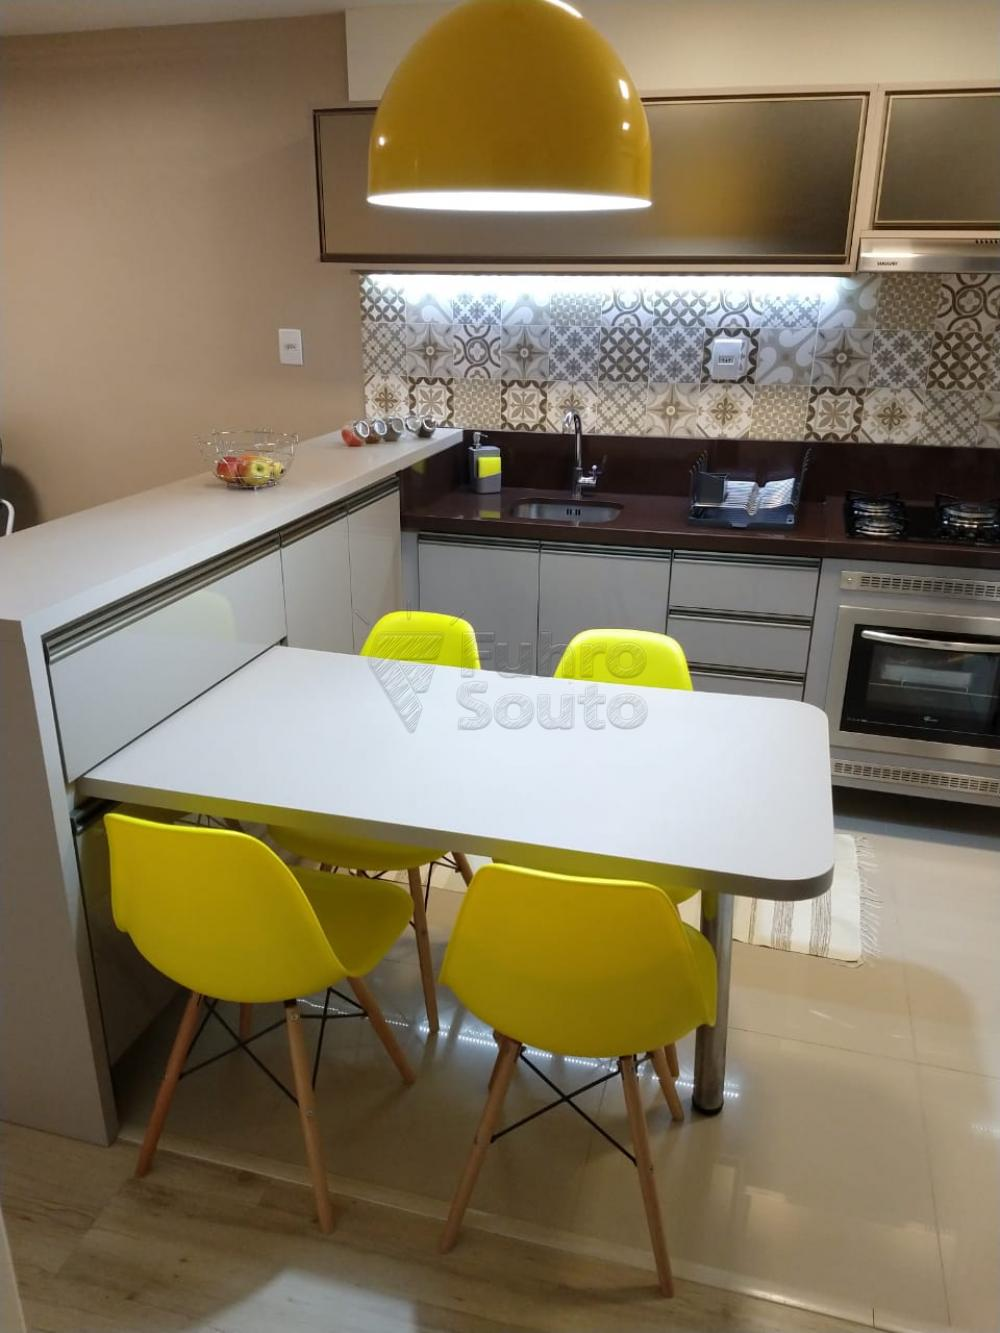 Comprar Apartamento / Padrão em Pelotas R$ 155.000,00 - Foto 5